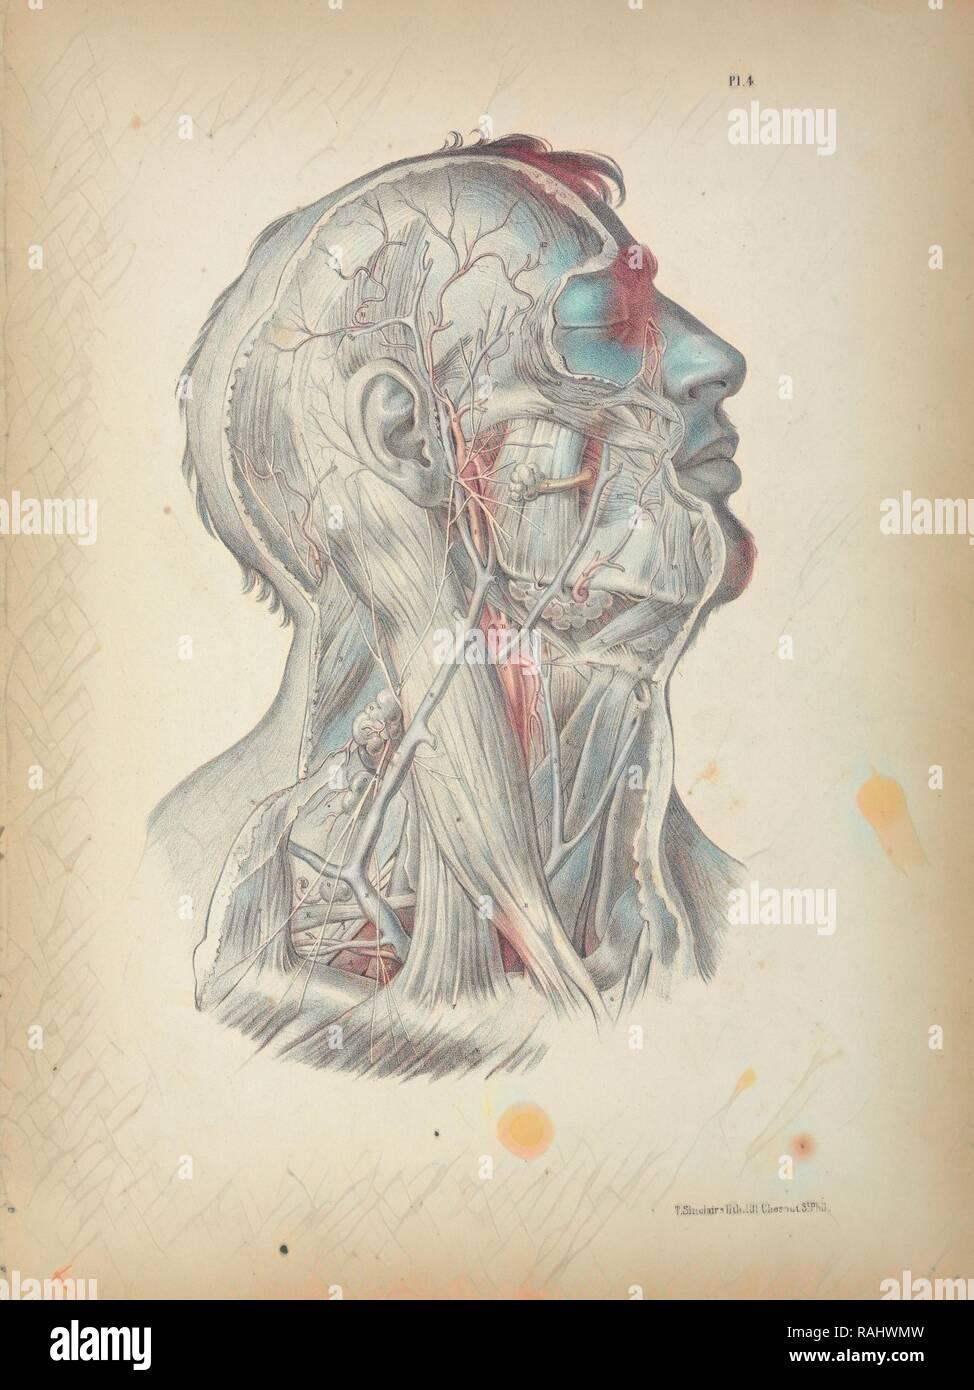 Pl. 4, anatomia chirurgica, Maclise, Giuseppe, litografia, 1851, litografia colorata. Maclise è autore e reinventato Immagini Stock